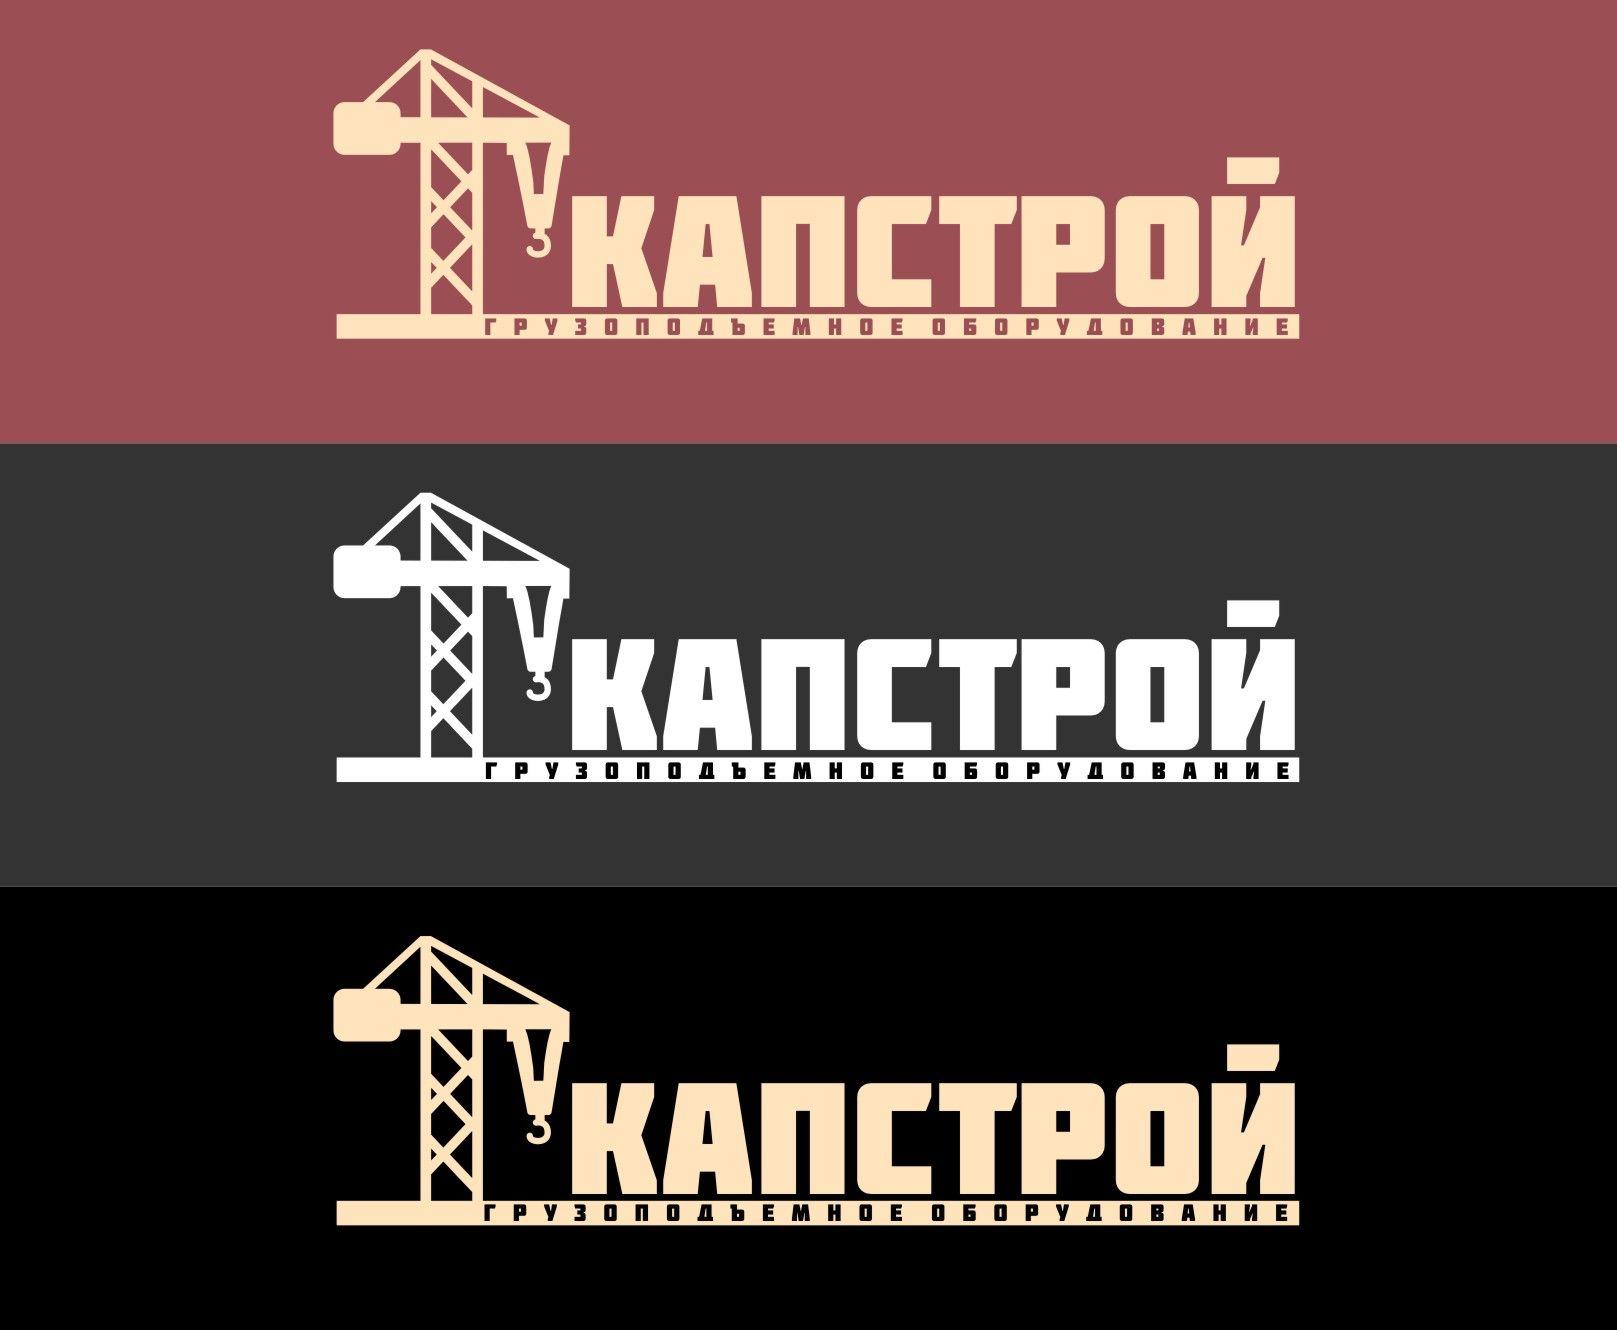 Лого и фирменный стиль для Капстрой  - дизайнер panama906090